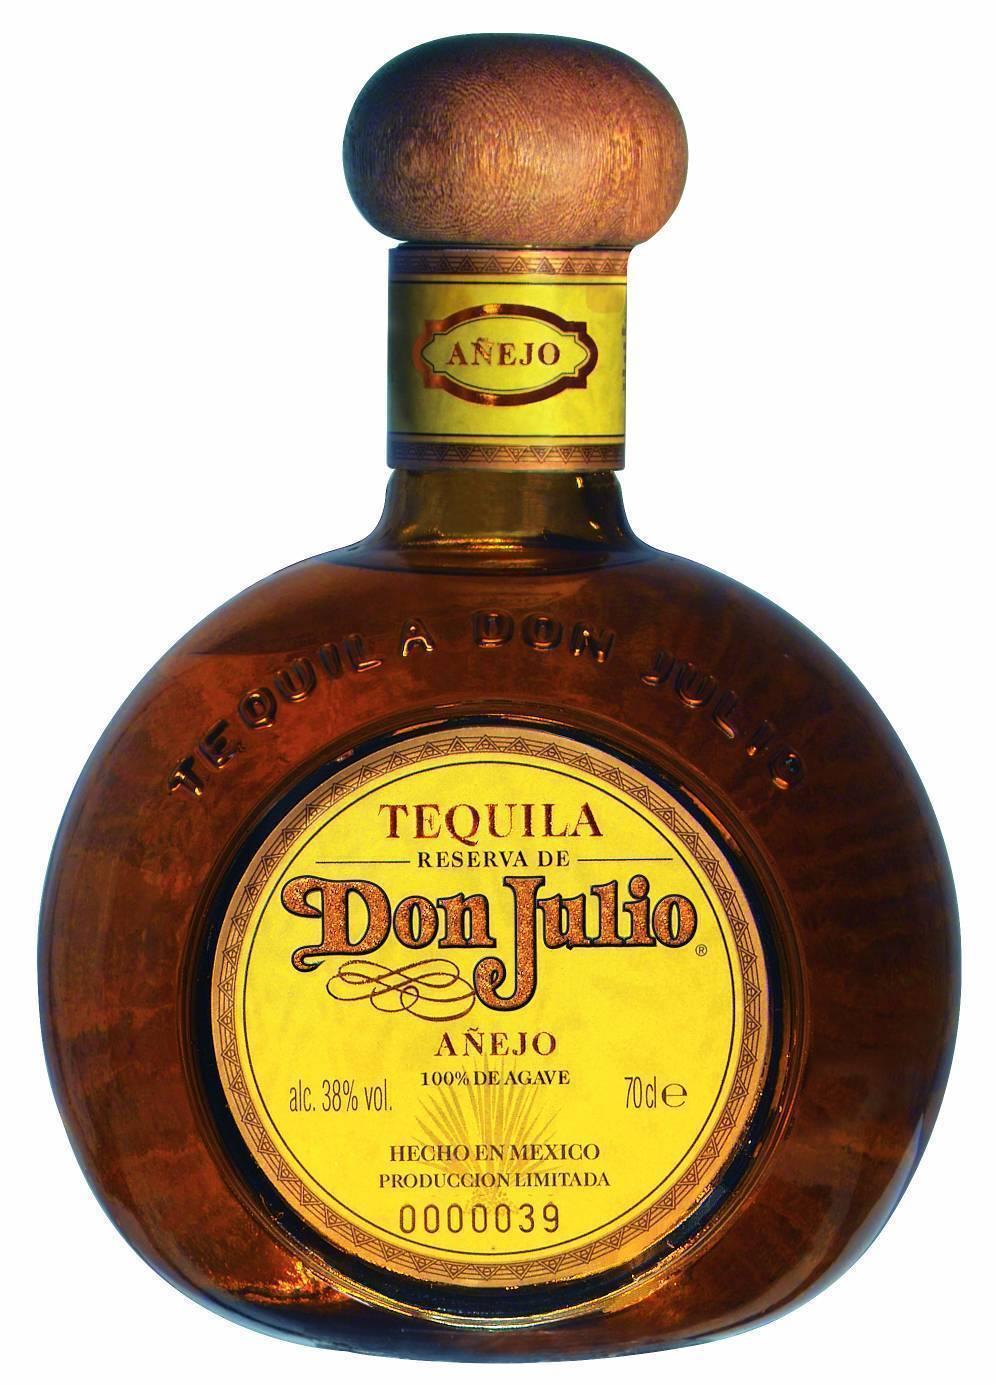 Текила дон хулио: репосадо, аньехо, blanko и другие разновидности don julio